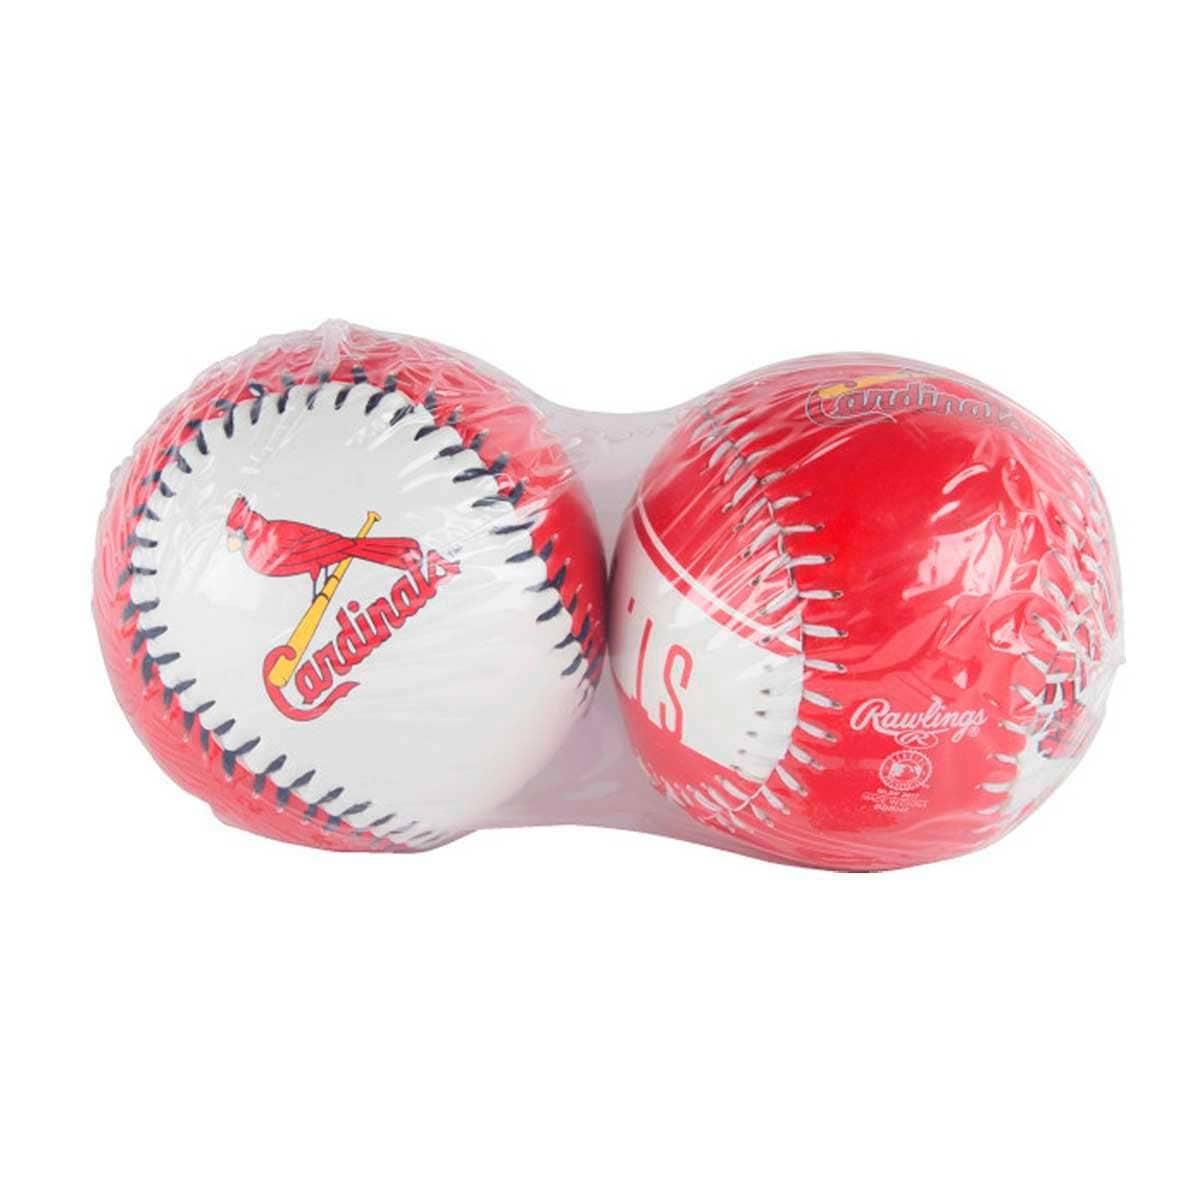 Set de Pelota Baseball Cardinals Rawlings